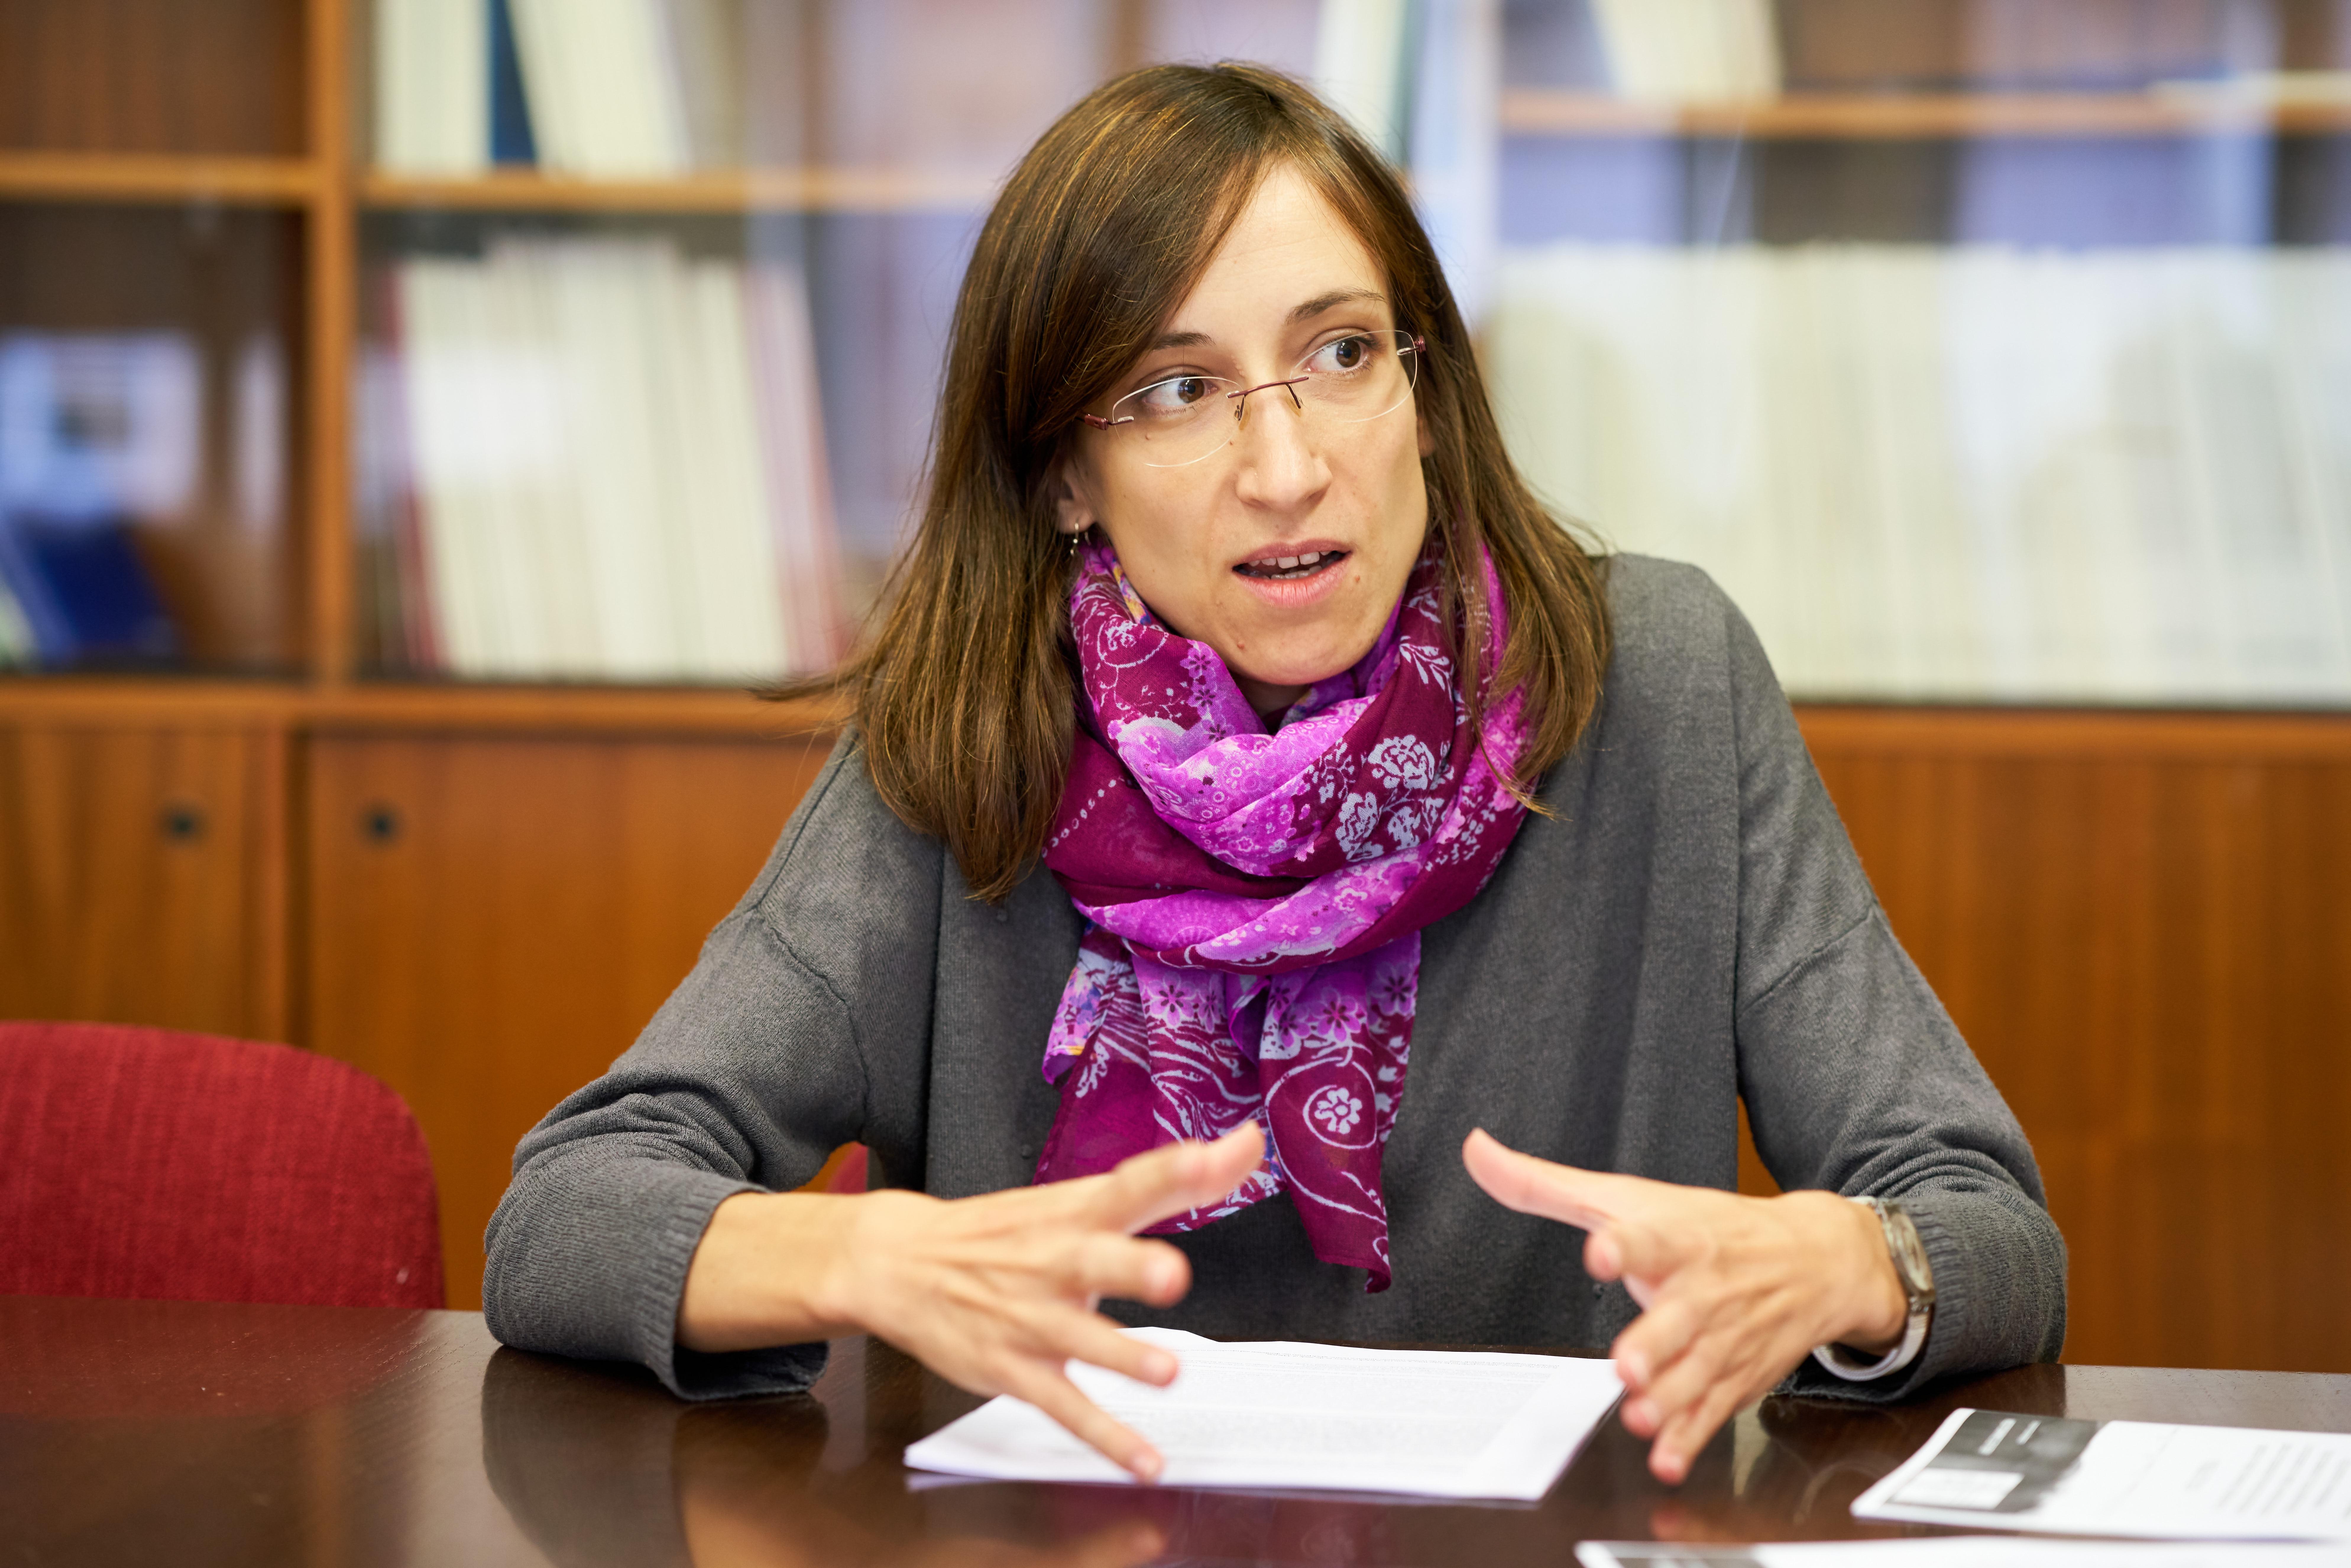 Una profesora de la Universidad de Salamanca lidera un estudio mundial sobre adicciones mediante el análisis de aguas residuales en 120 ciudades00001.jpg